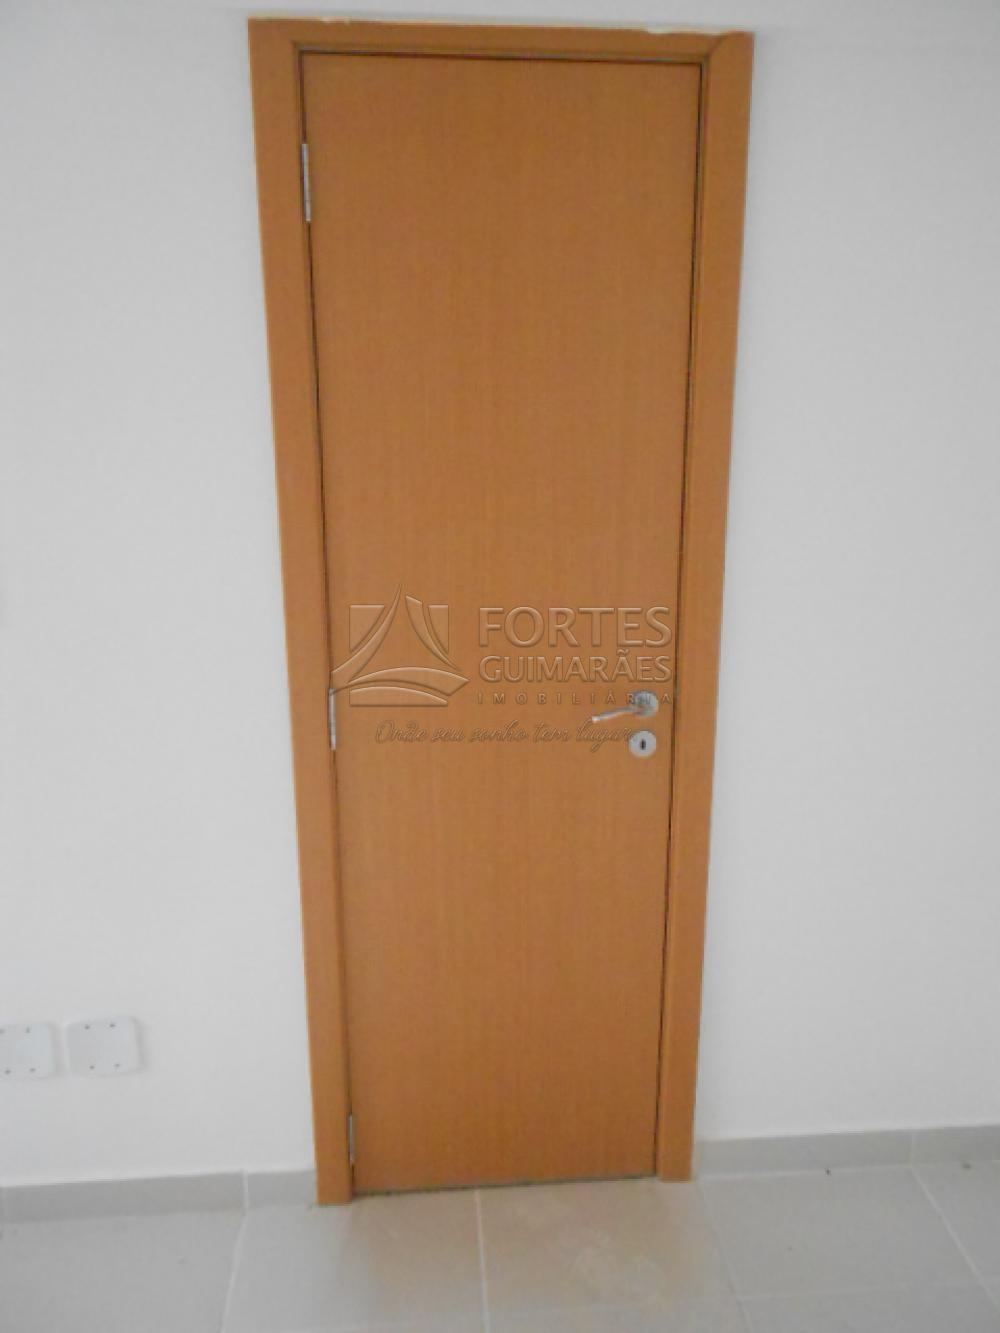 Alugar Comercial / Sala em Ribeirão Preto apenas R$ 950,00 - Foto 8